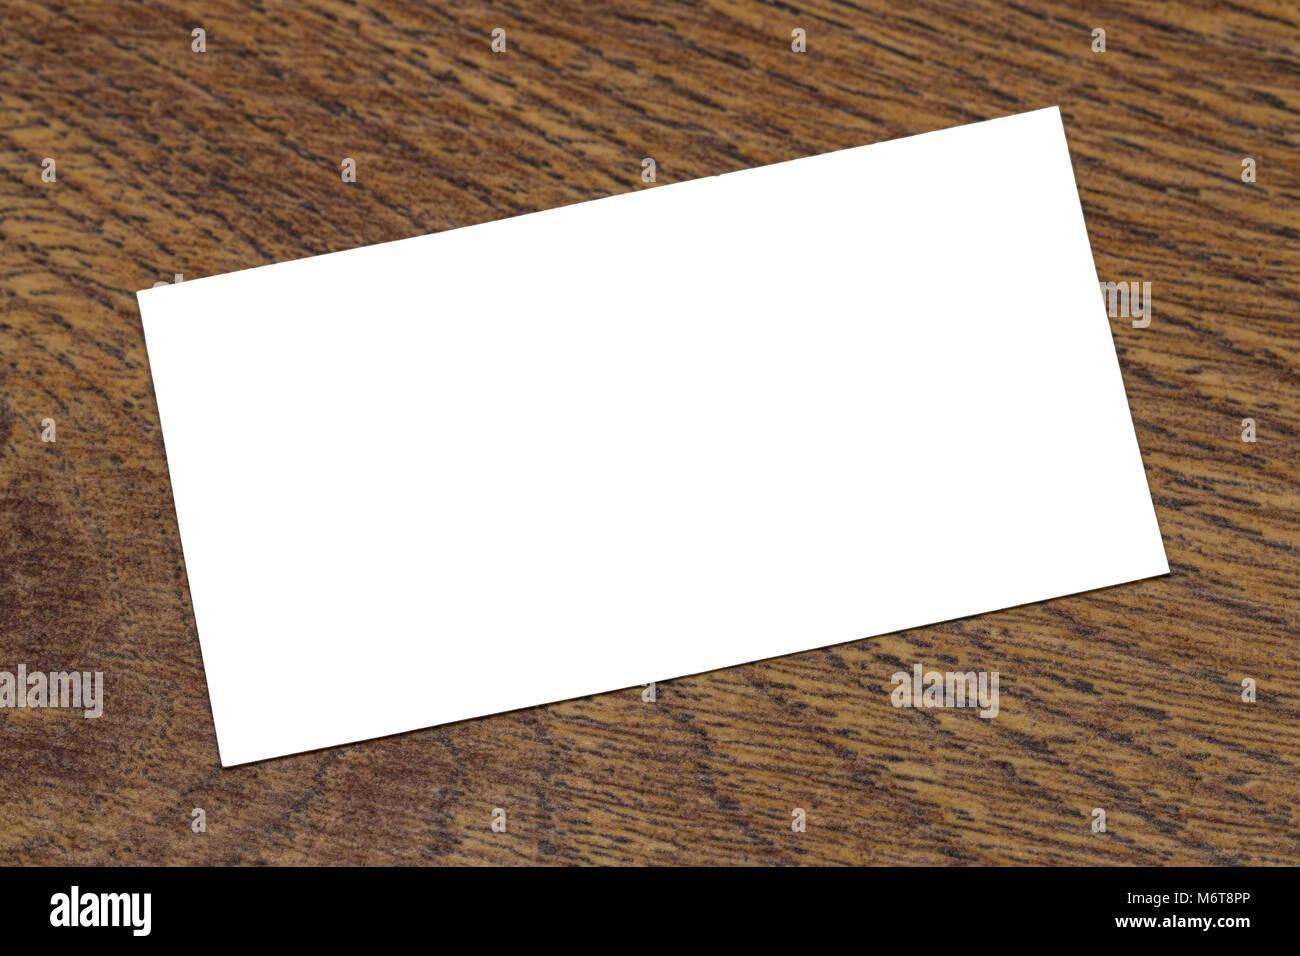 Foto Von Leere Visitenkarten Auf Einem Hölzernen Hintergrund